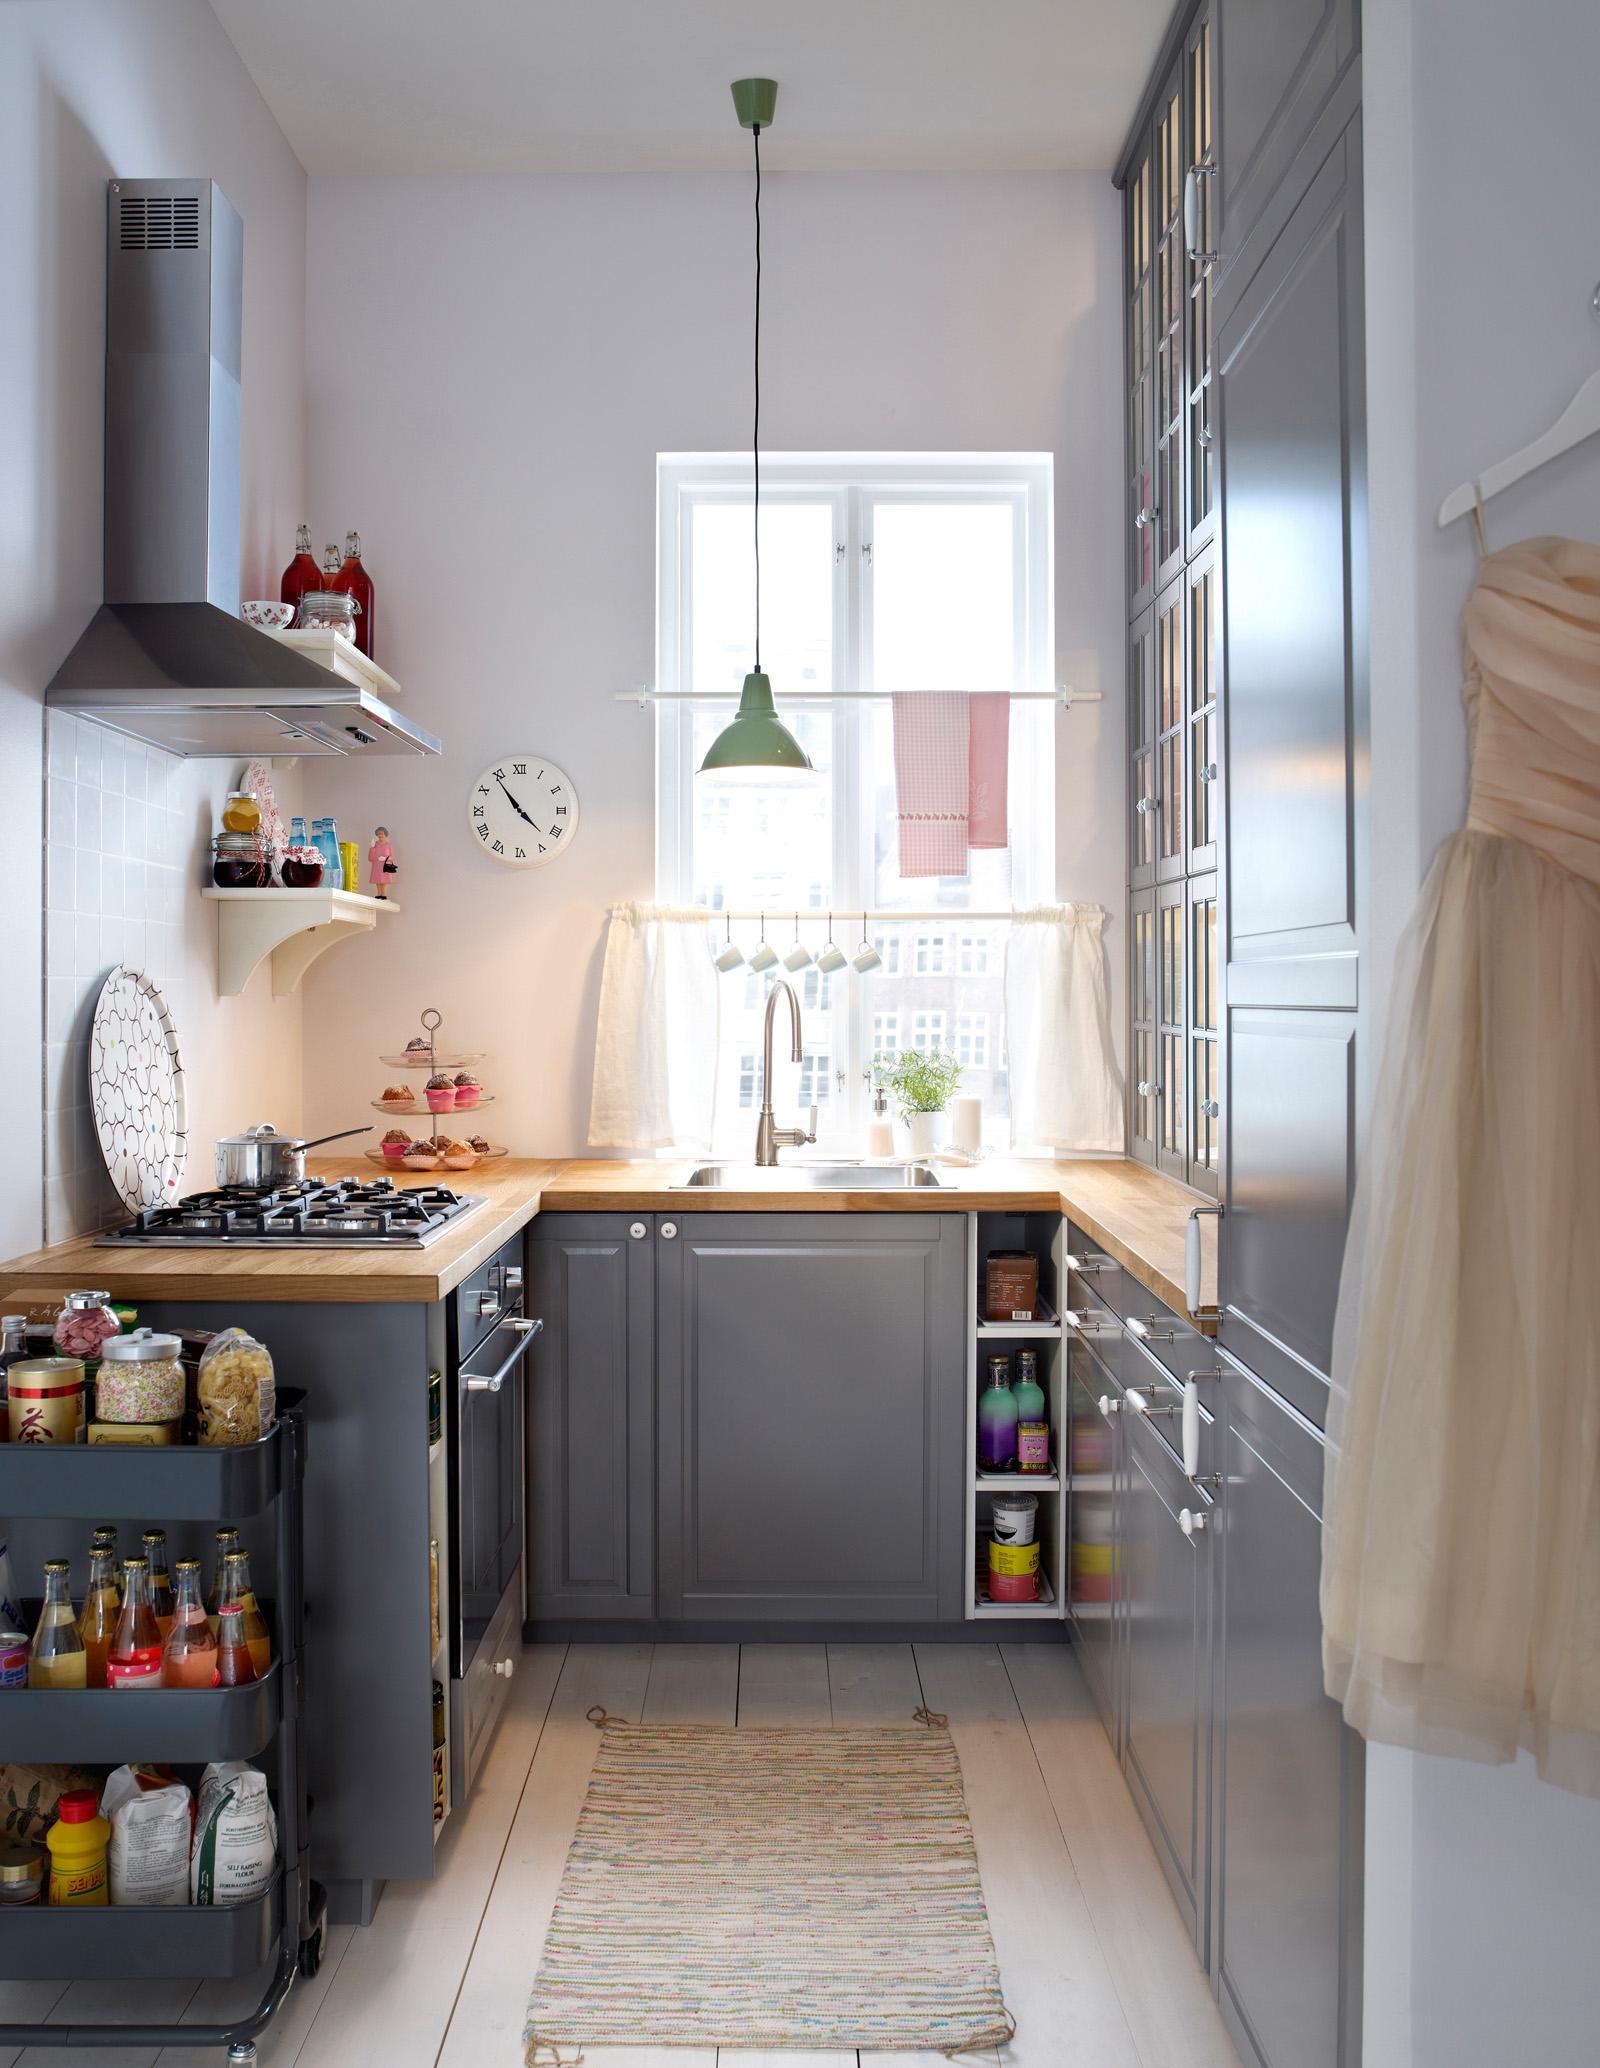 Full Size of Single Kche Bilder Ideen Couch Wohnzimmer Tapeten Miniküche Mit Kühlschrank Bad Renovieren Ikea Stengel Wohnzimmer Miniküche Ideen